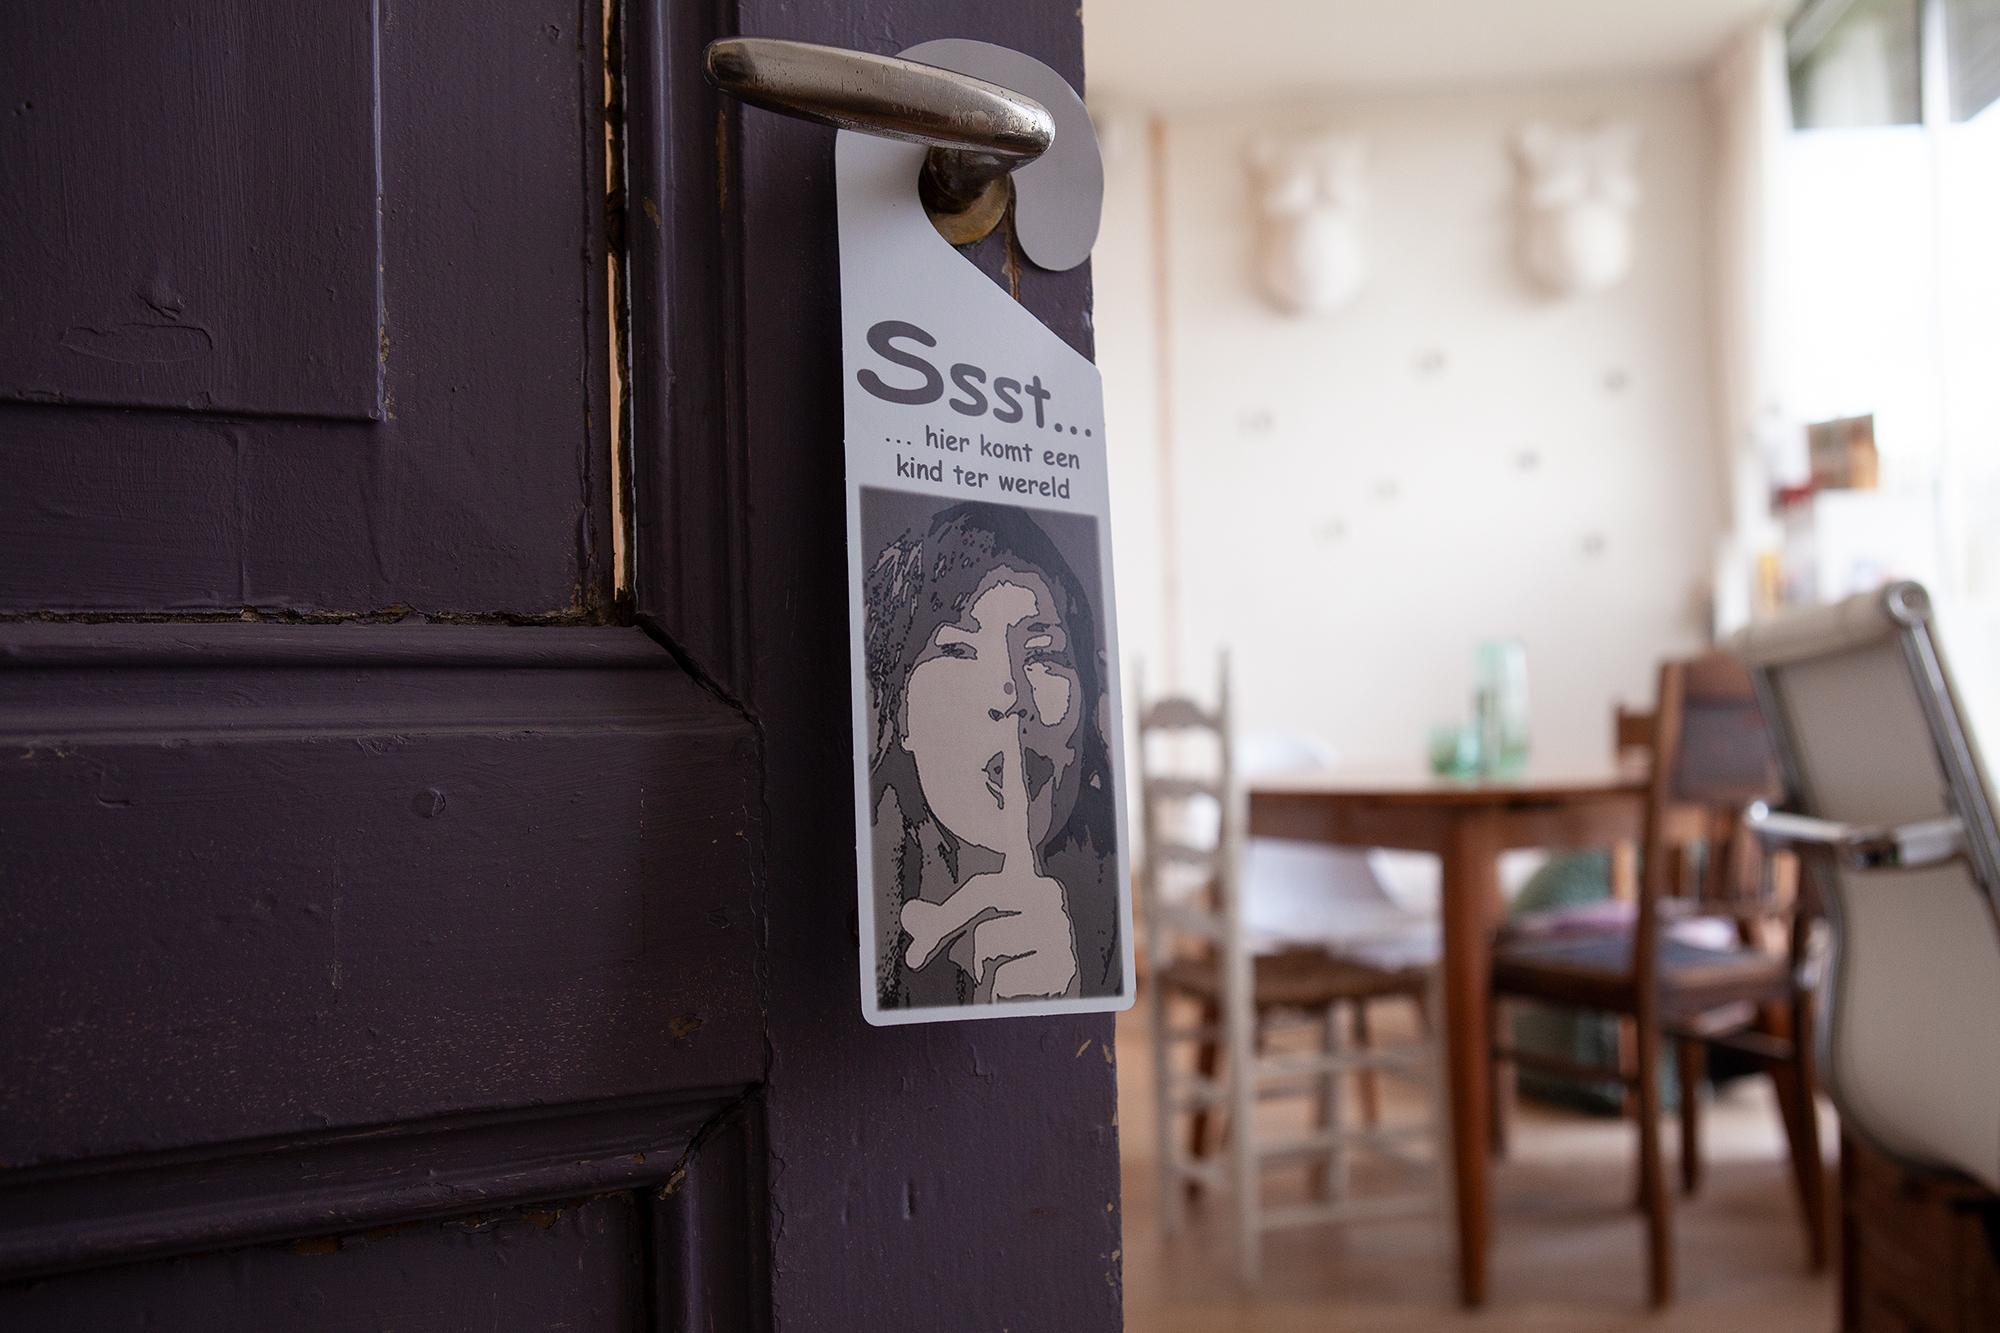 deuropening en een inkijkje in de praktijkruimte